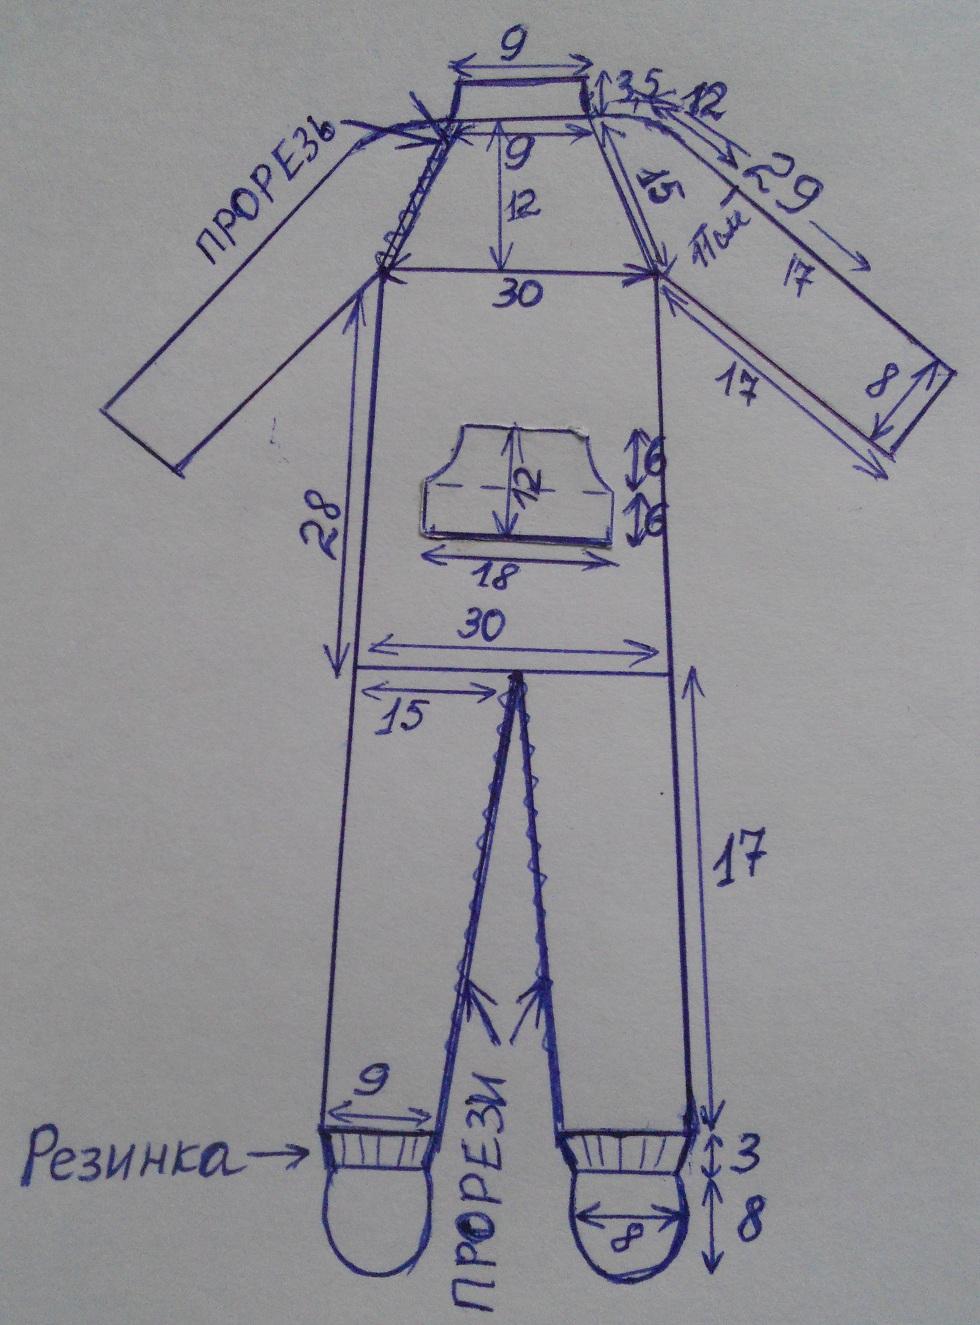 Рукав для армрестлинга схема вязки